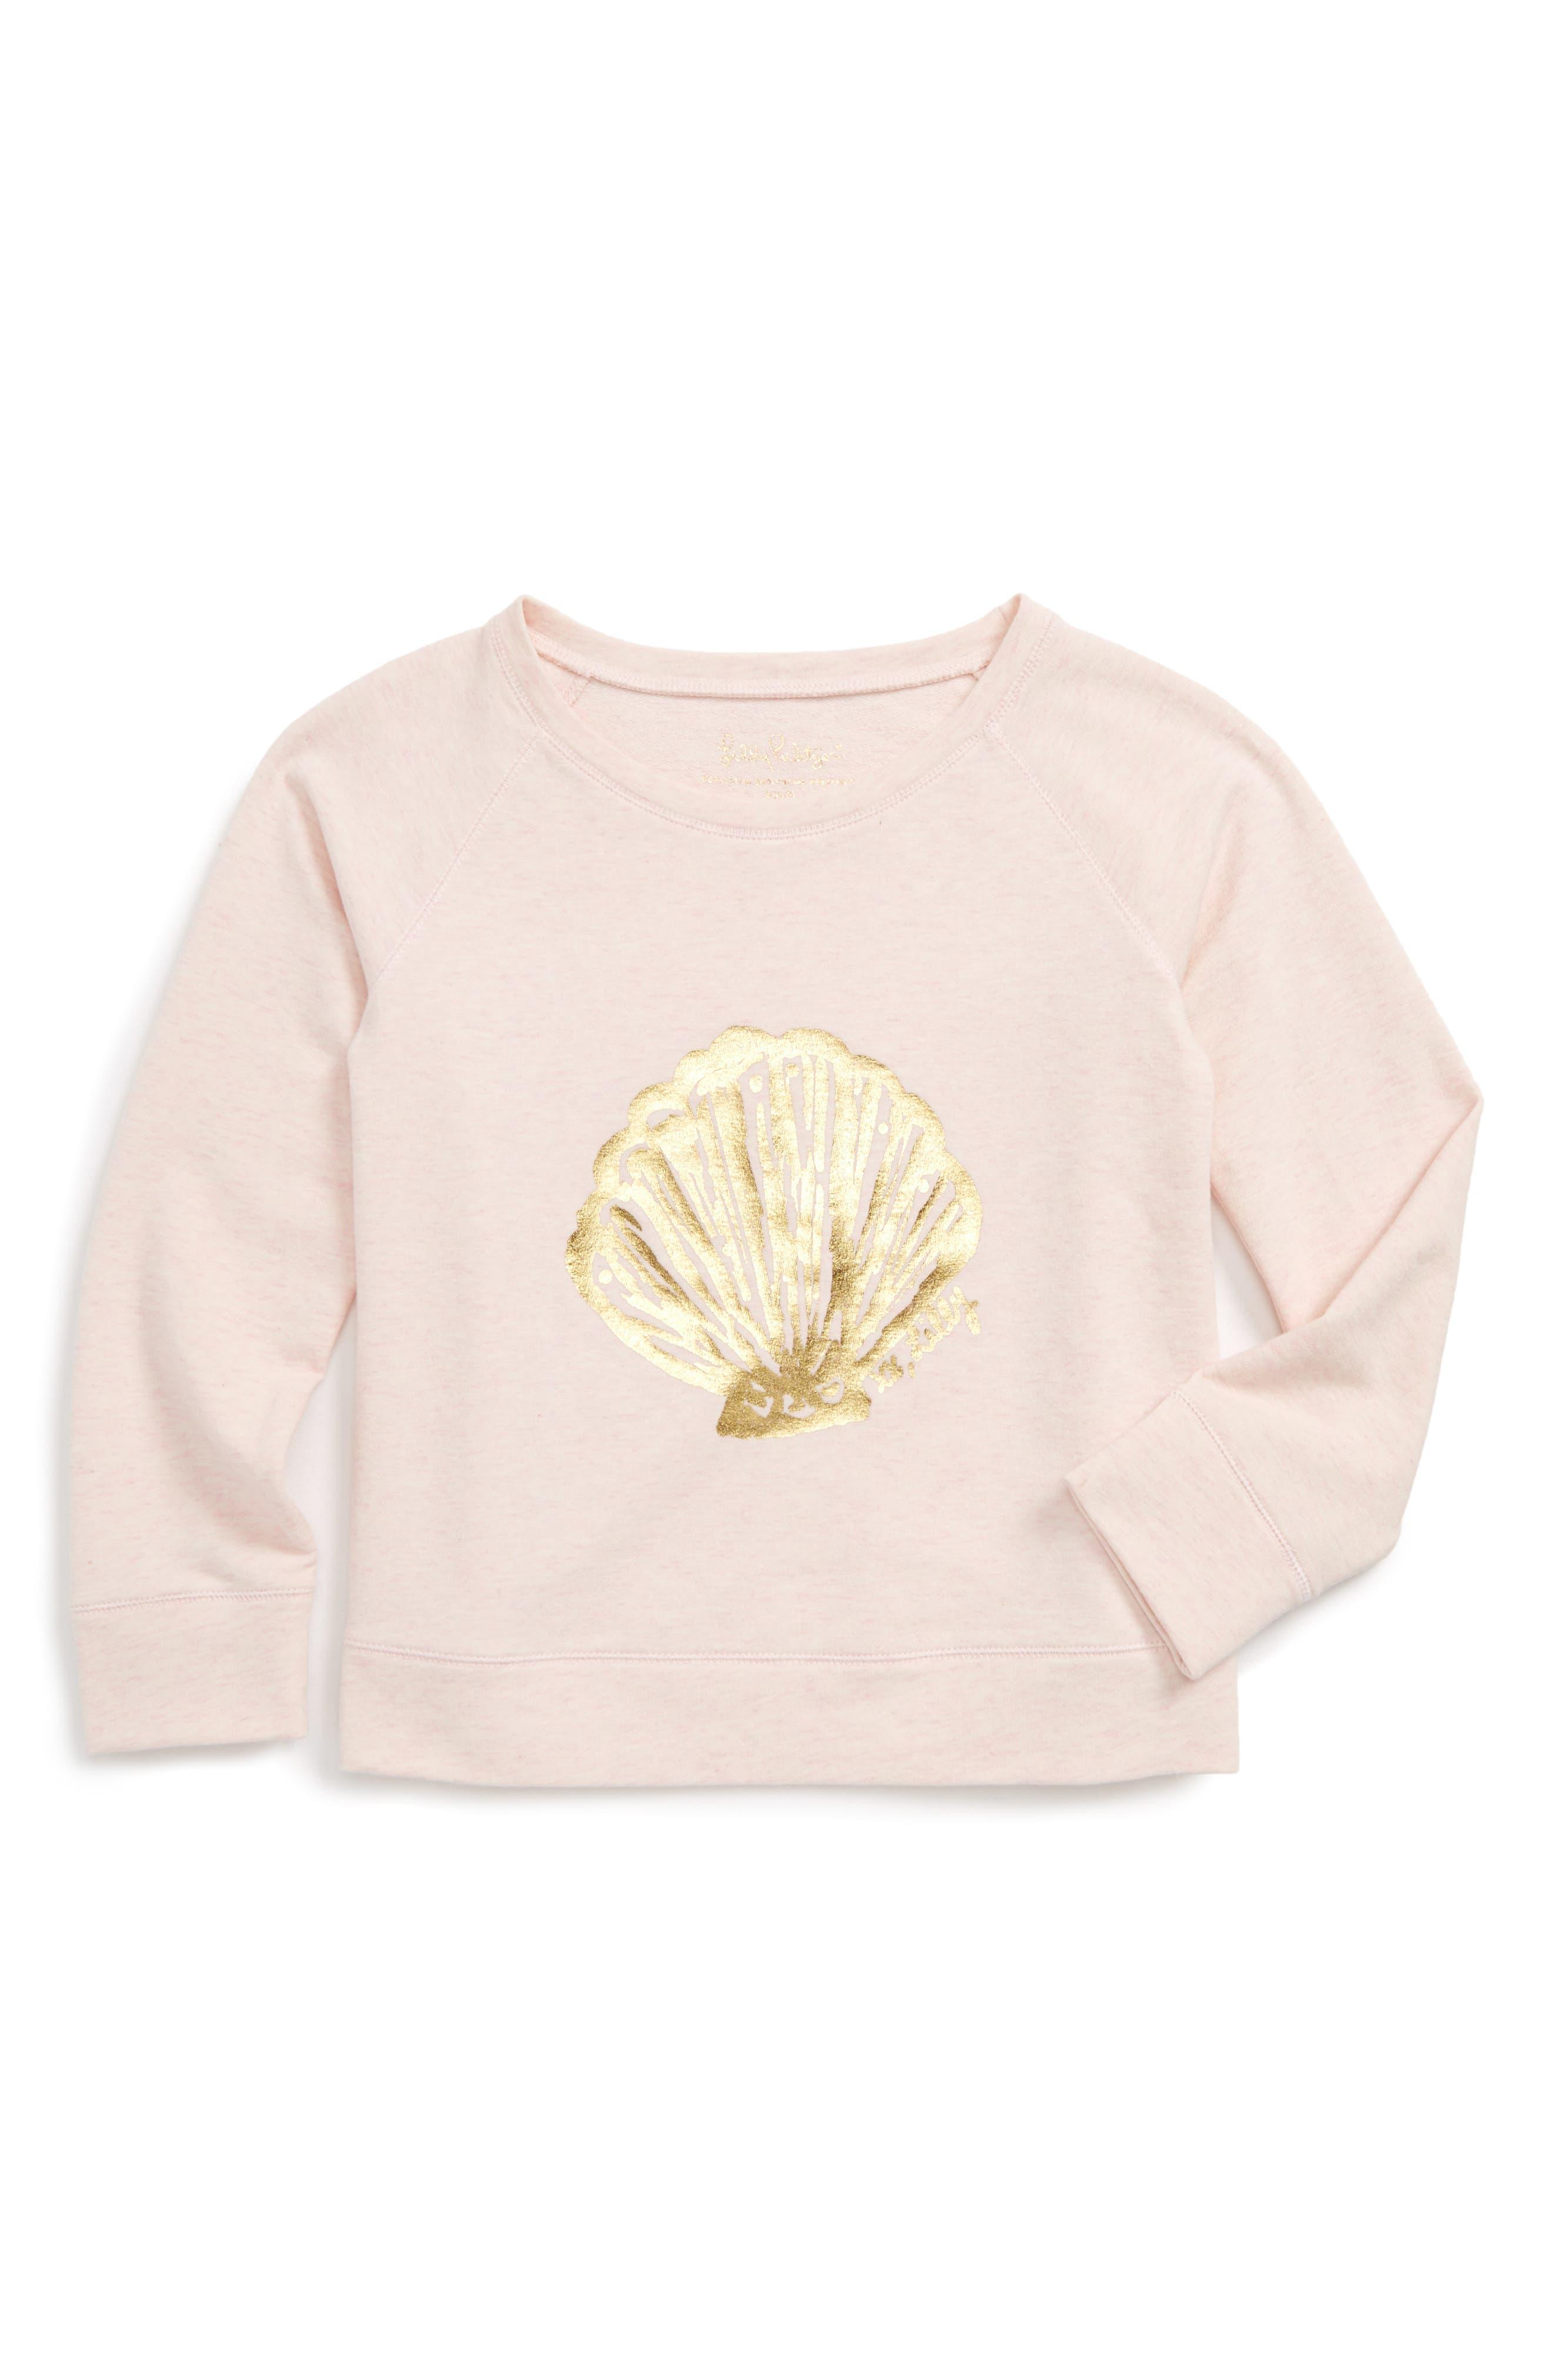 Lilly Pulitzer Shara Graphic Print Sweatshirt,                             Main thumbnail 1, color,                             Paradise Pink Shell